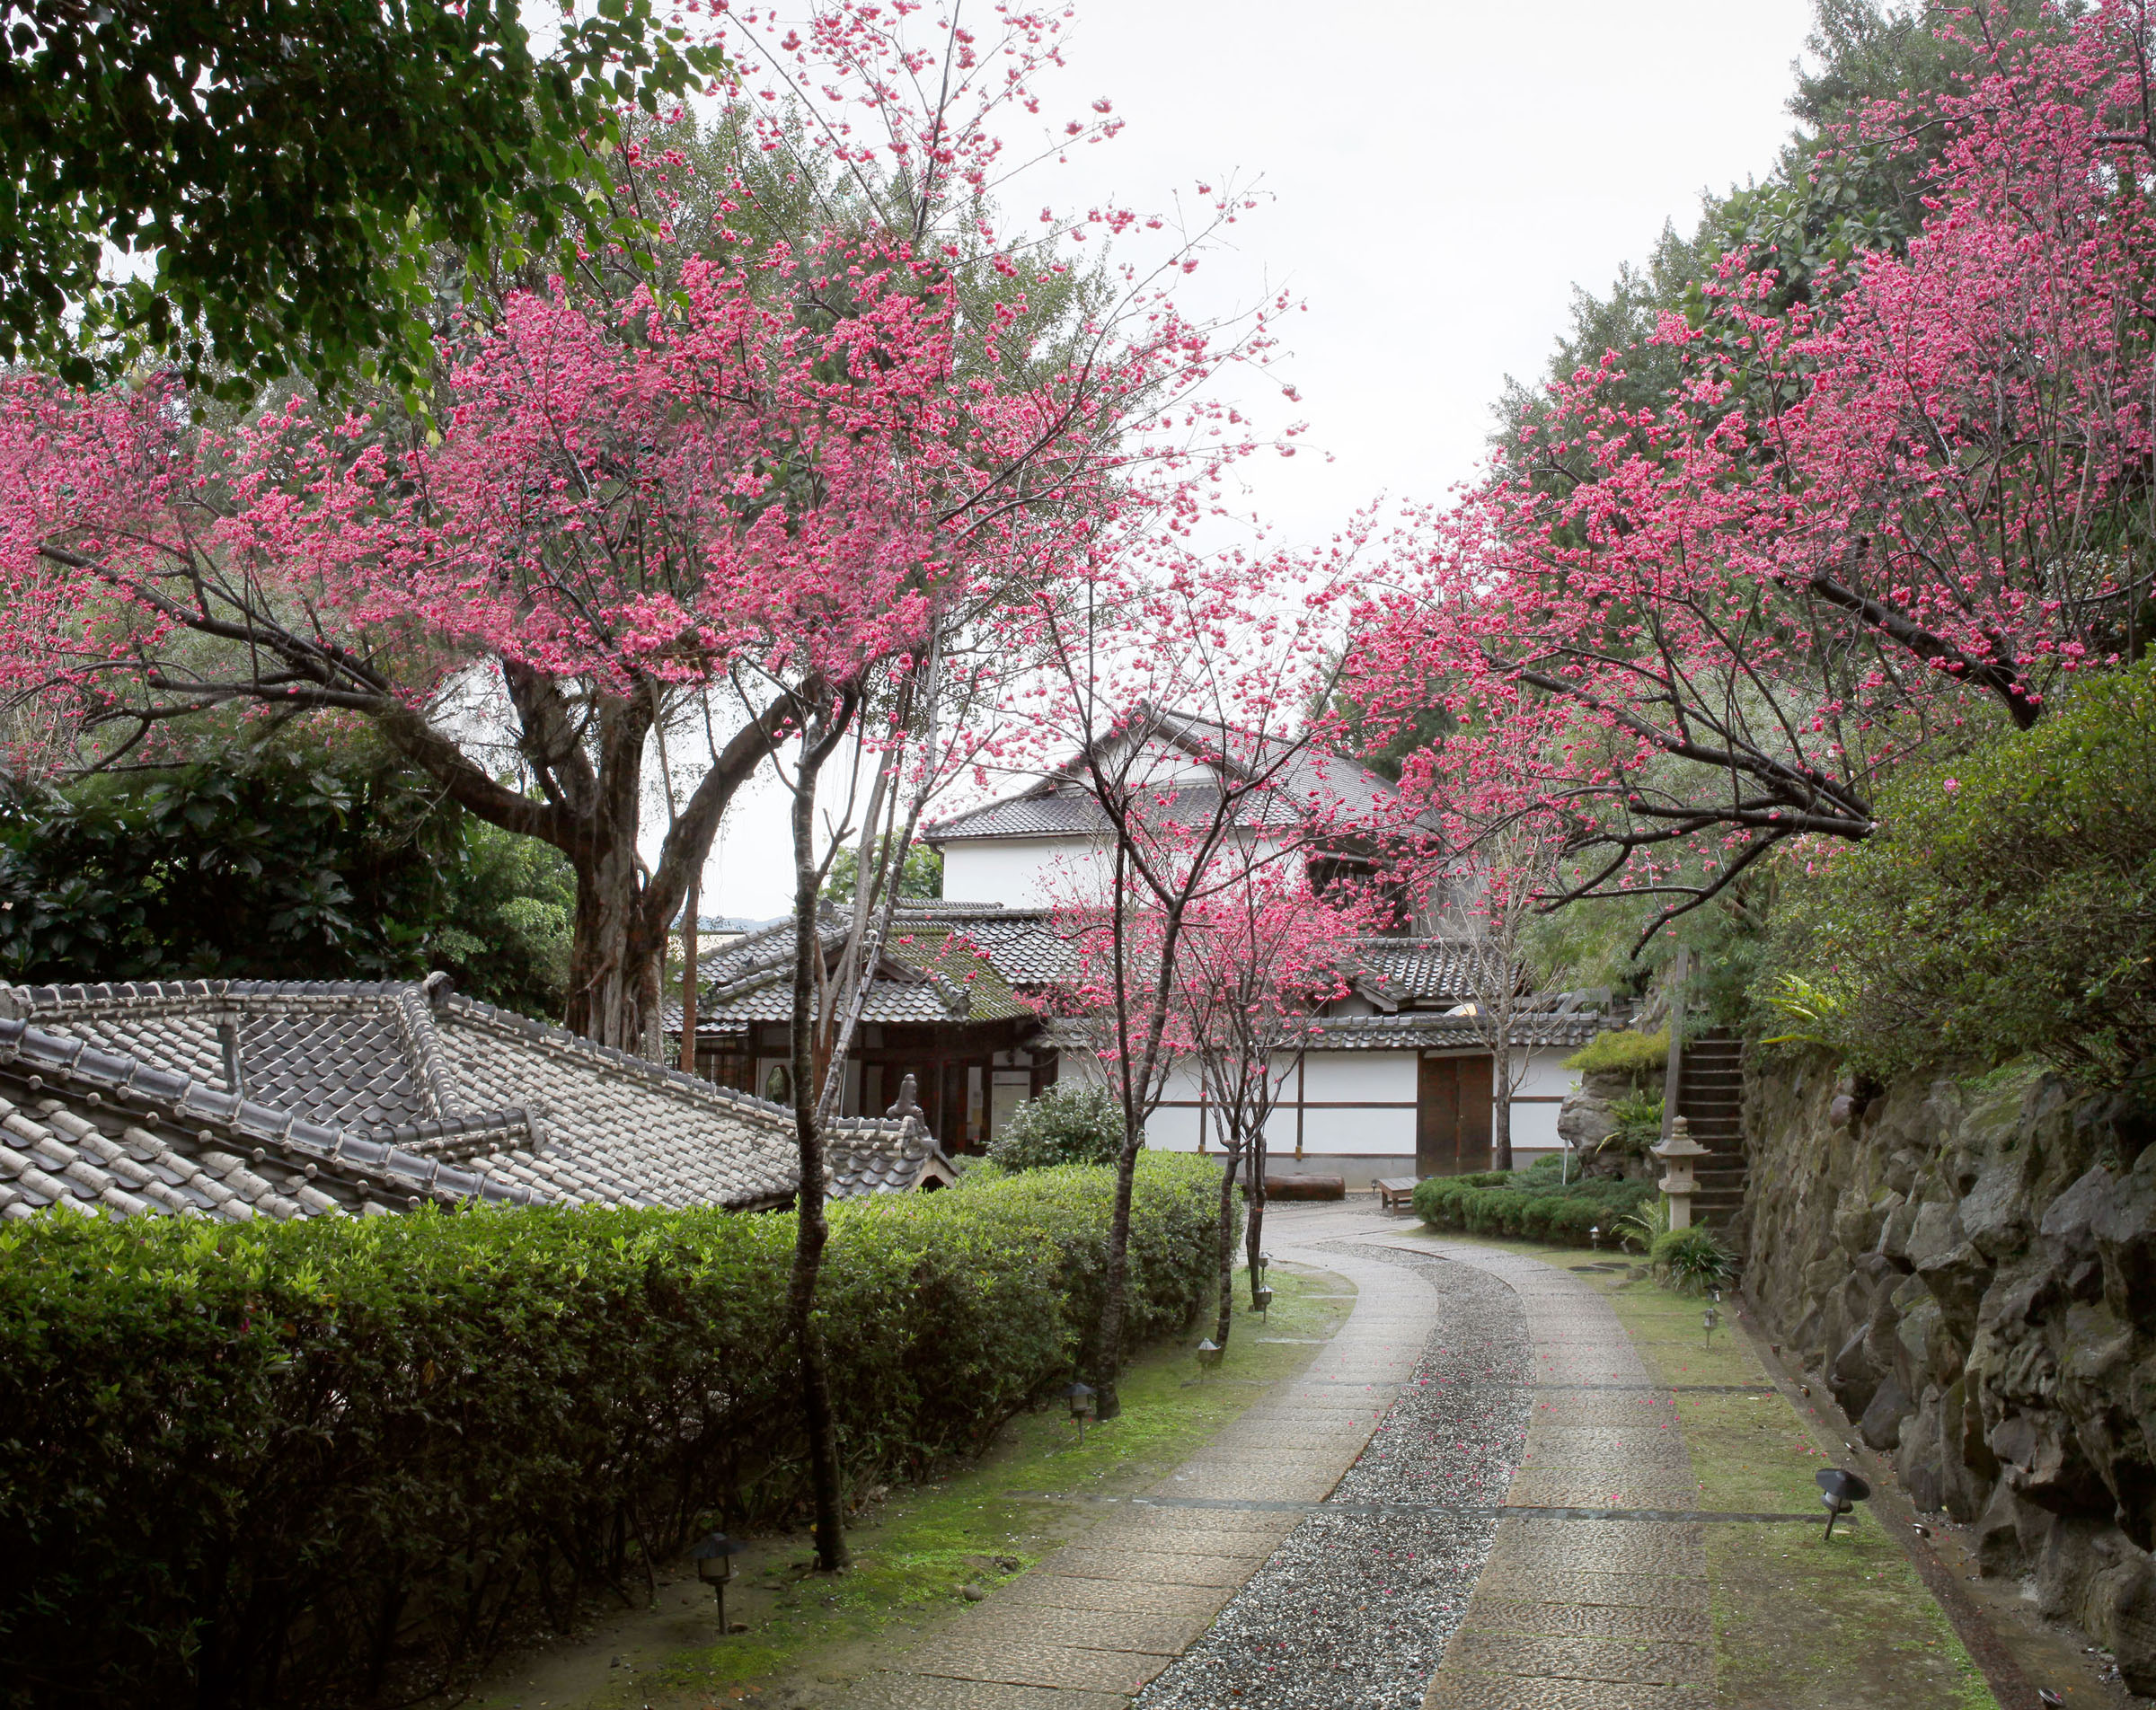 一秒到京都!悠遊北投文物館,不用出國也能置身日式典雅風情中